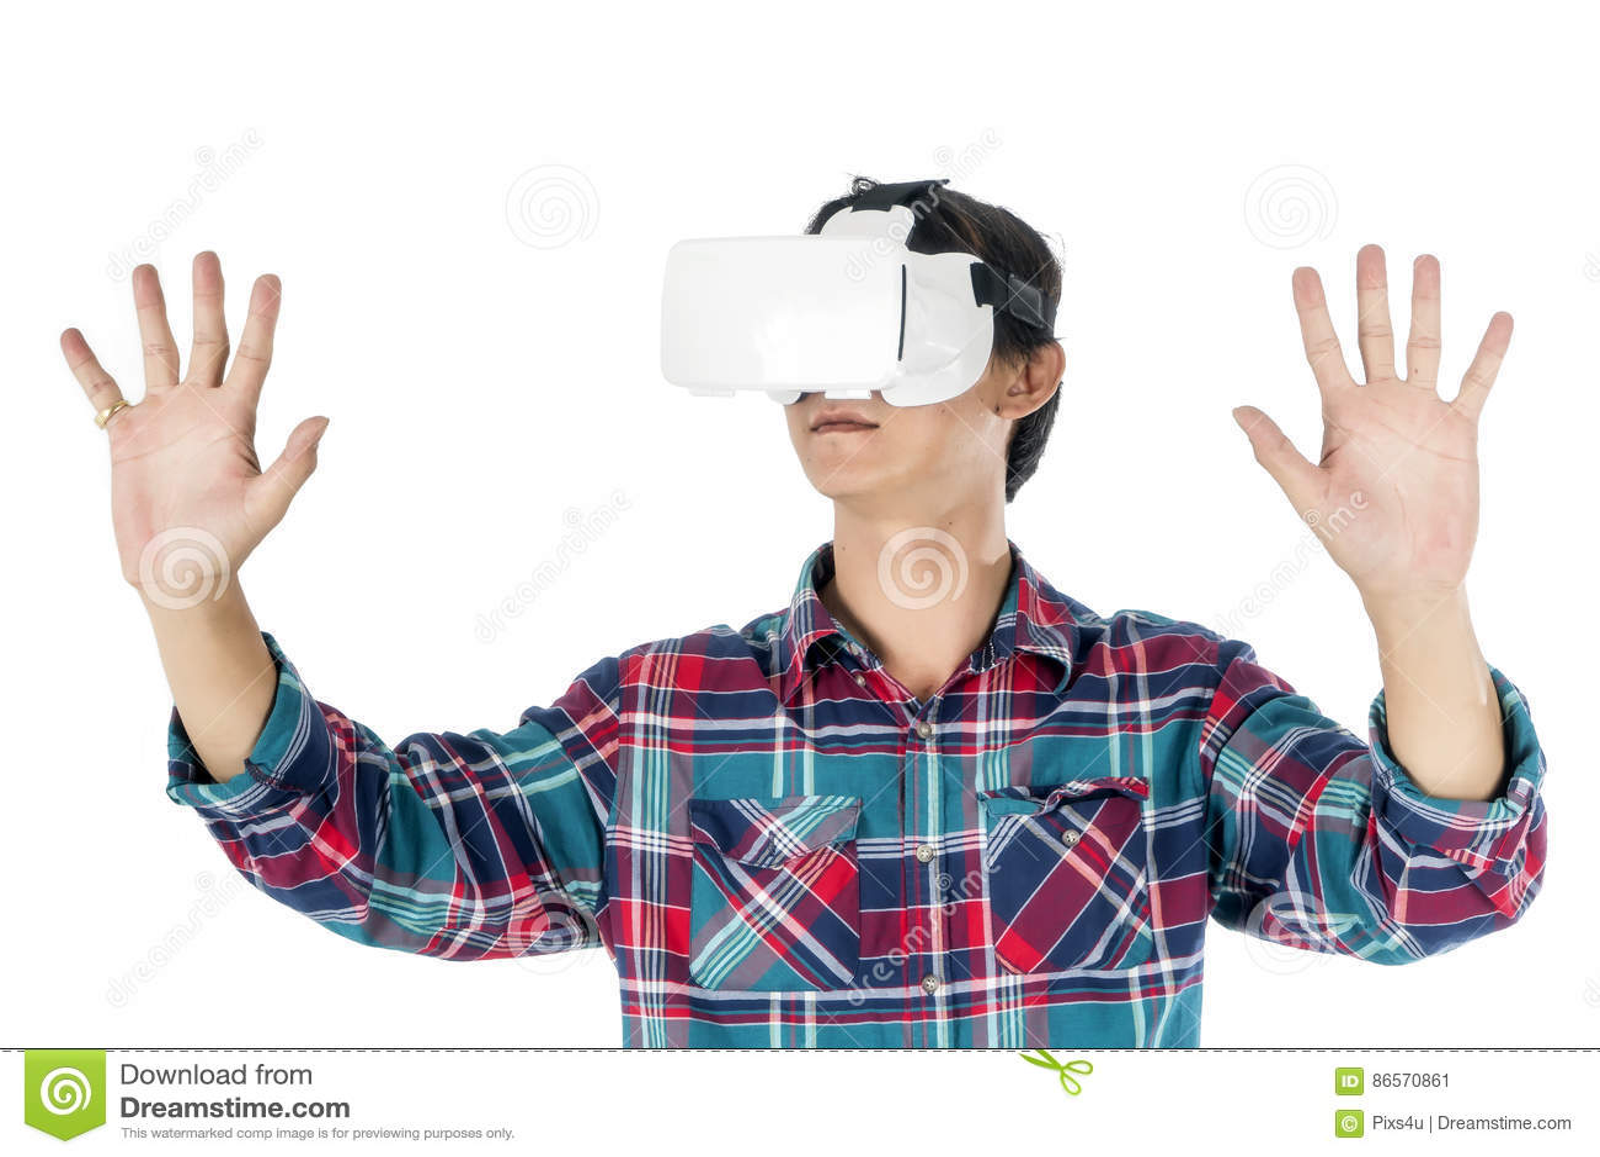 Equipe usando uns auriculares de VR e experimentando a realidade virtual